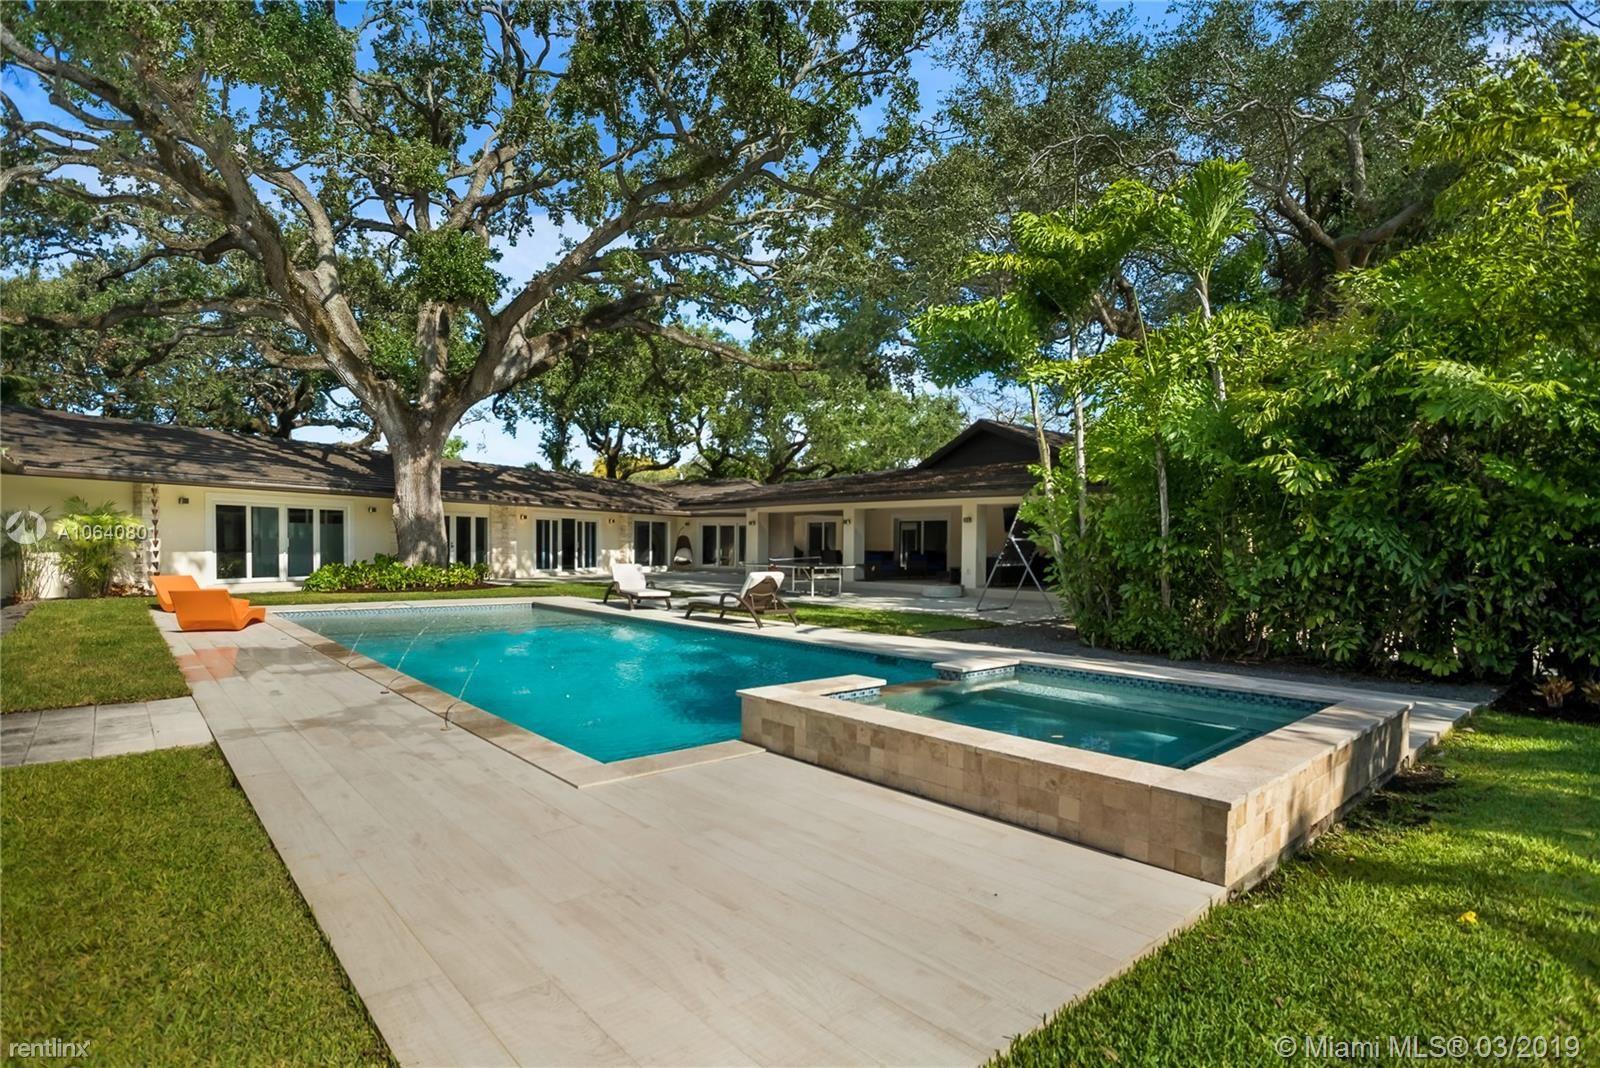 4105 Granada Blvd, Coral Gables, FL - $18,000